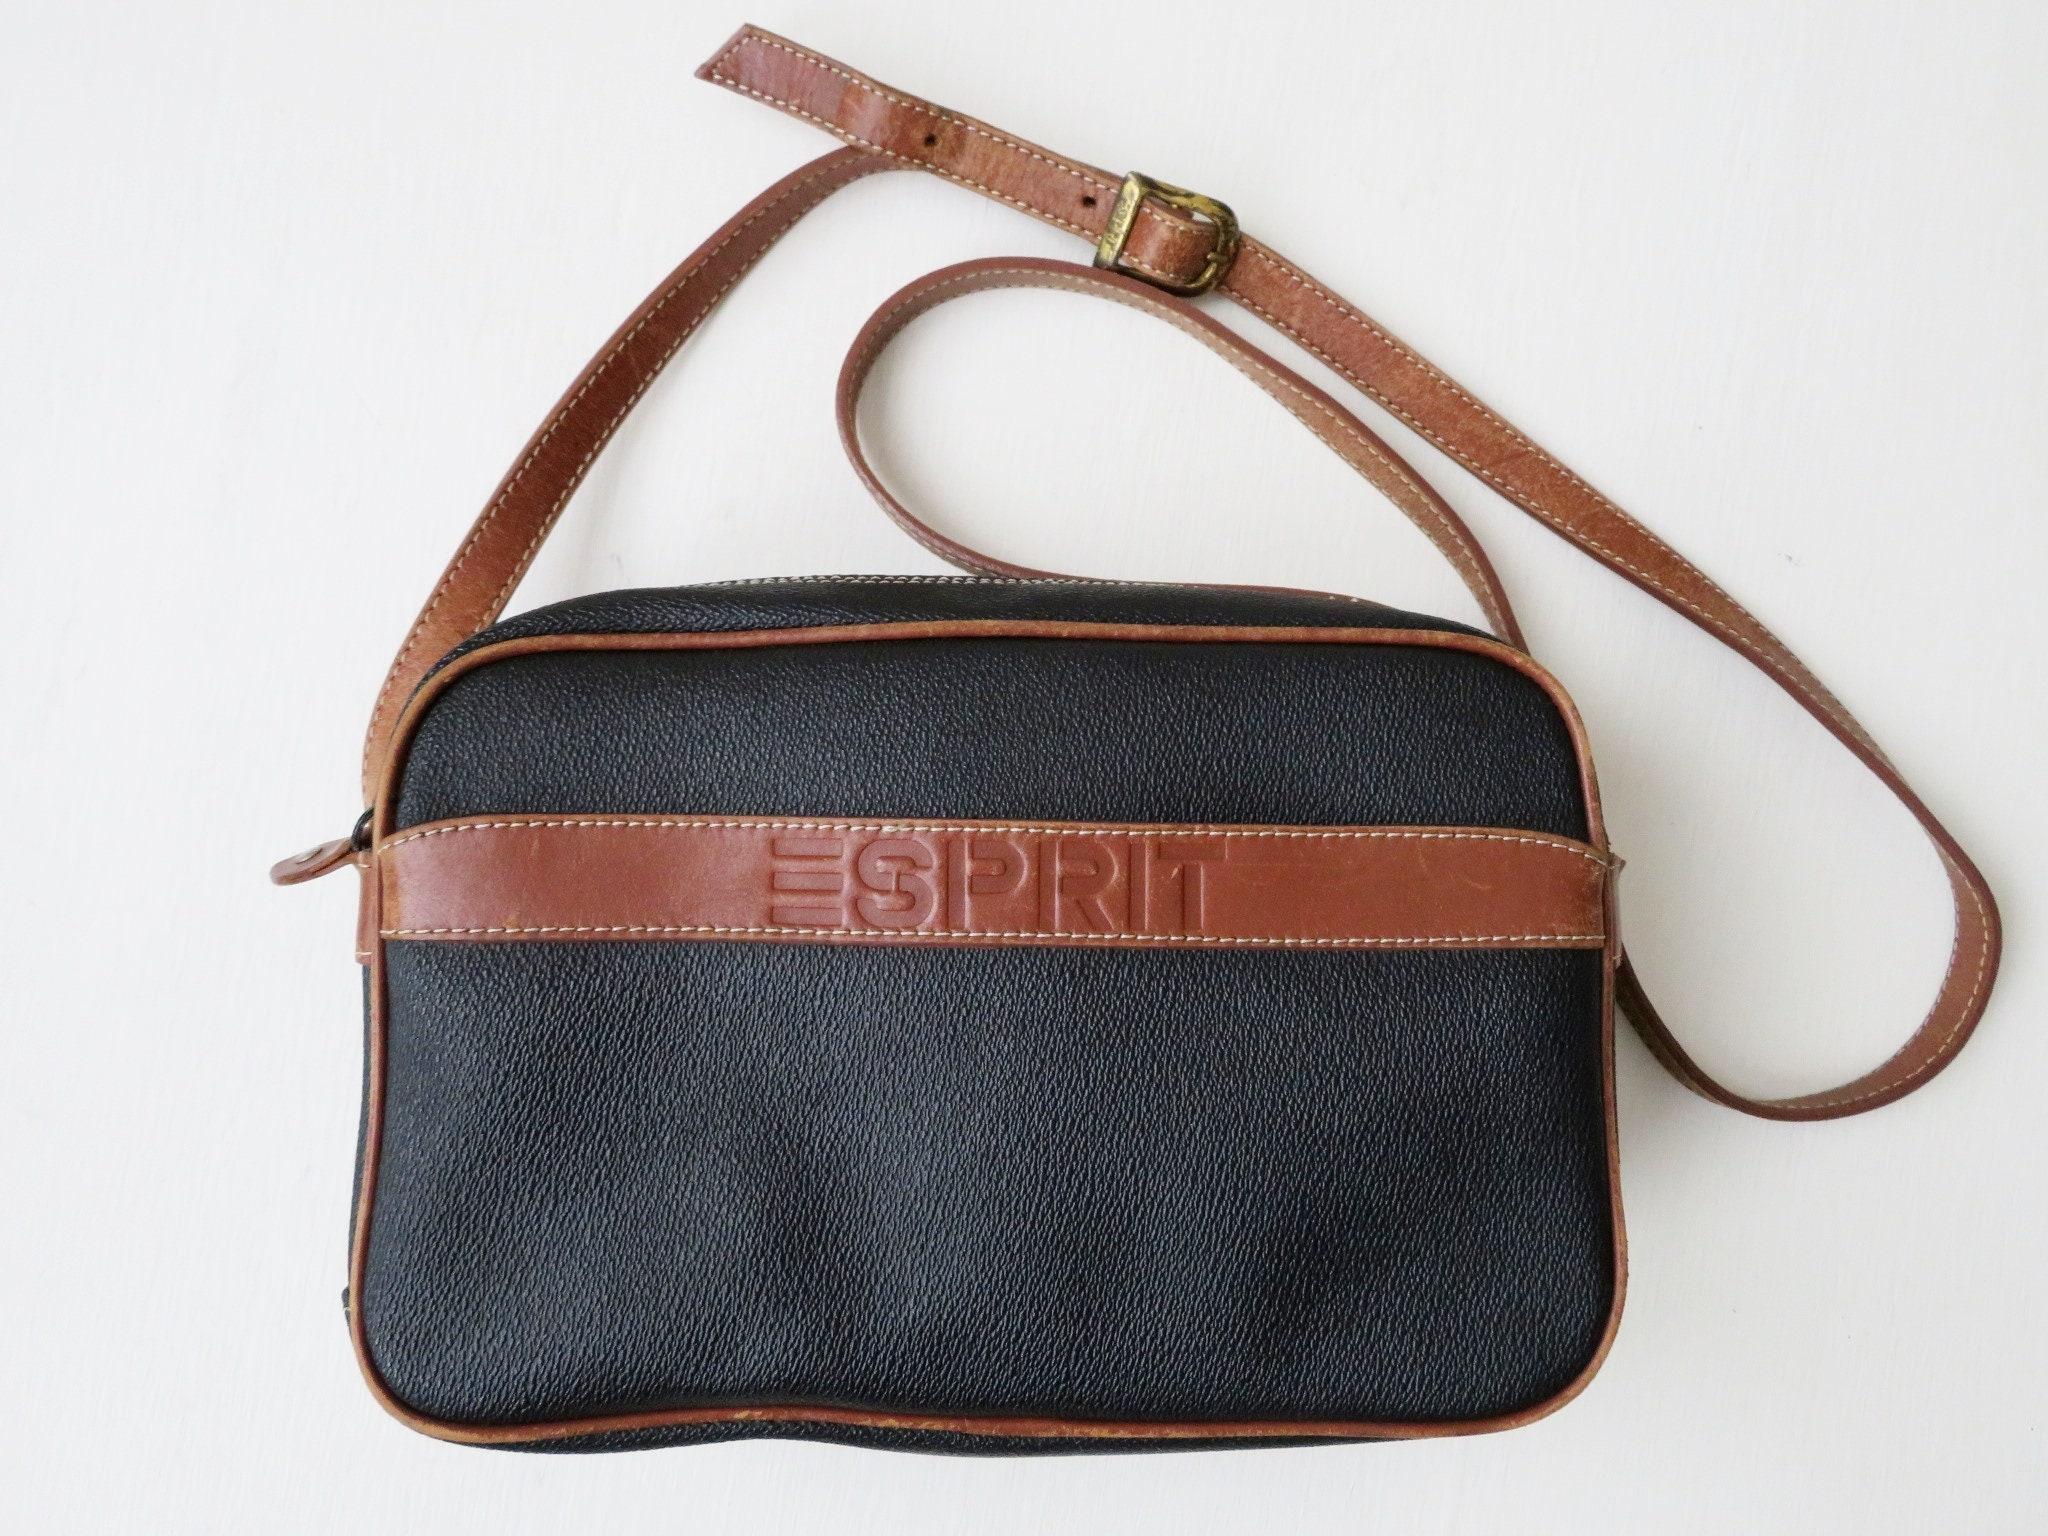 c17aec94643f4 Crossbody-Tasche lange Gurt Geldbörse schwarz und tan